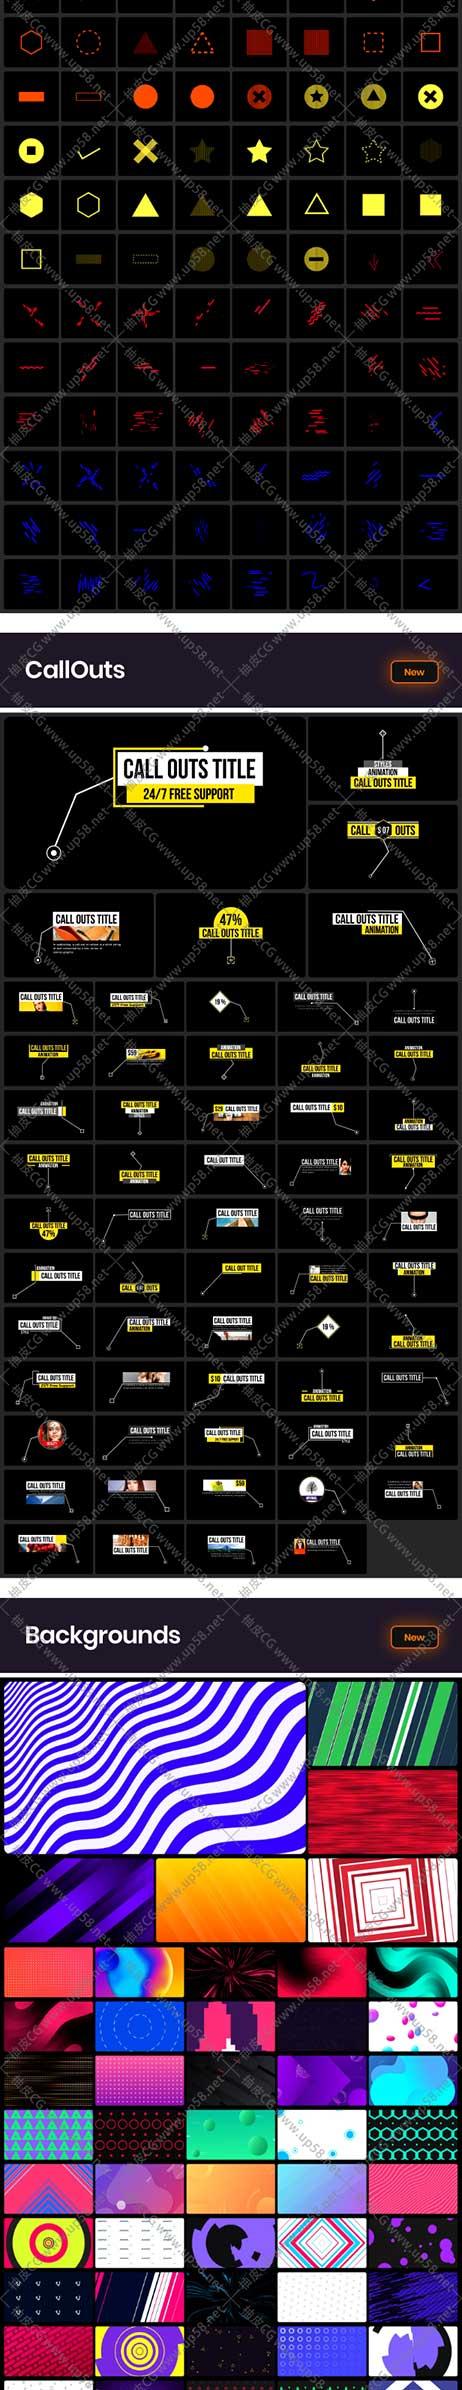 AE脚本 4000+标题文字信息图过渡呼出解释色彩滤镜动画音效工具包